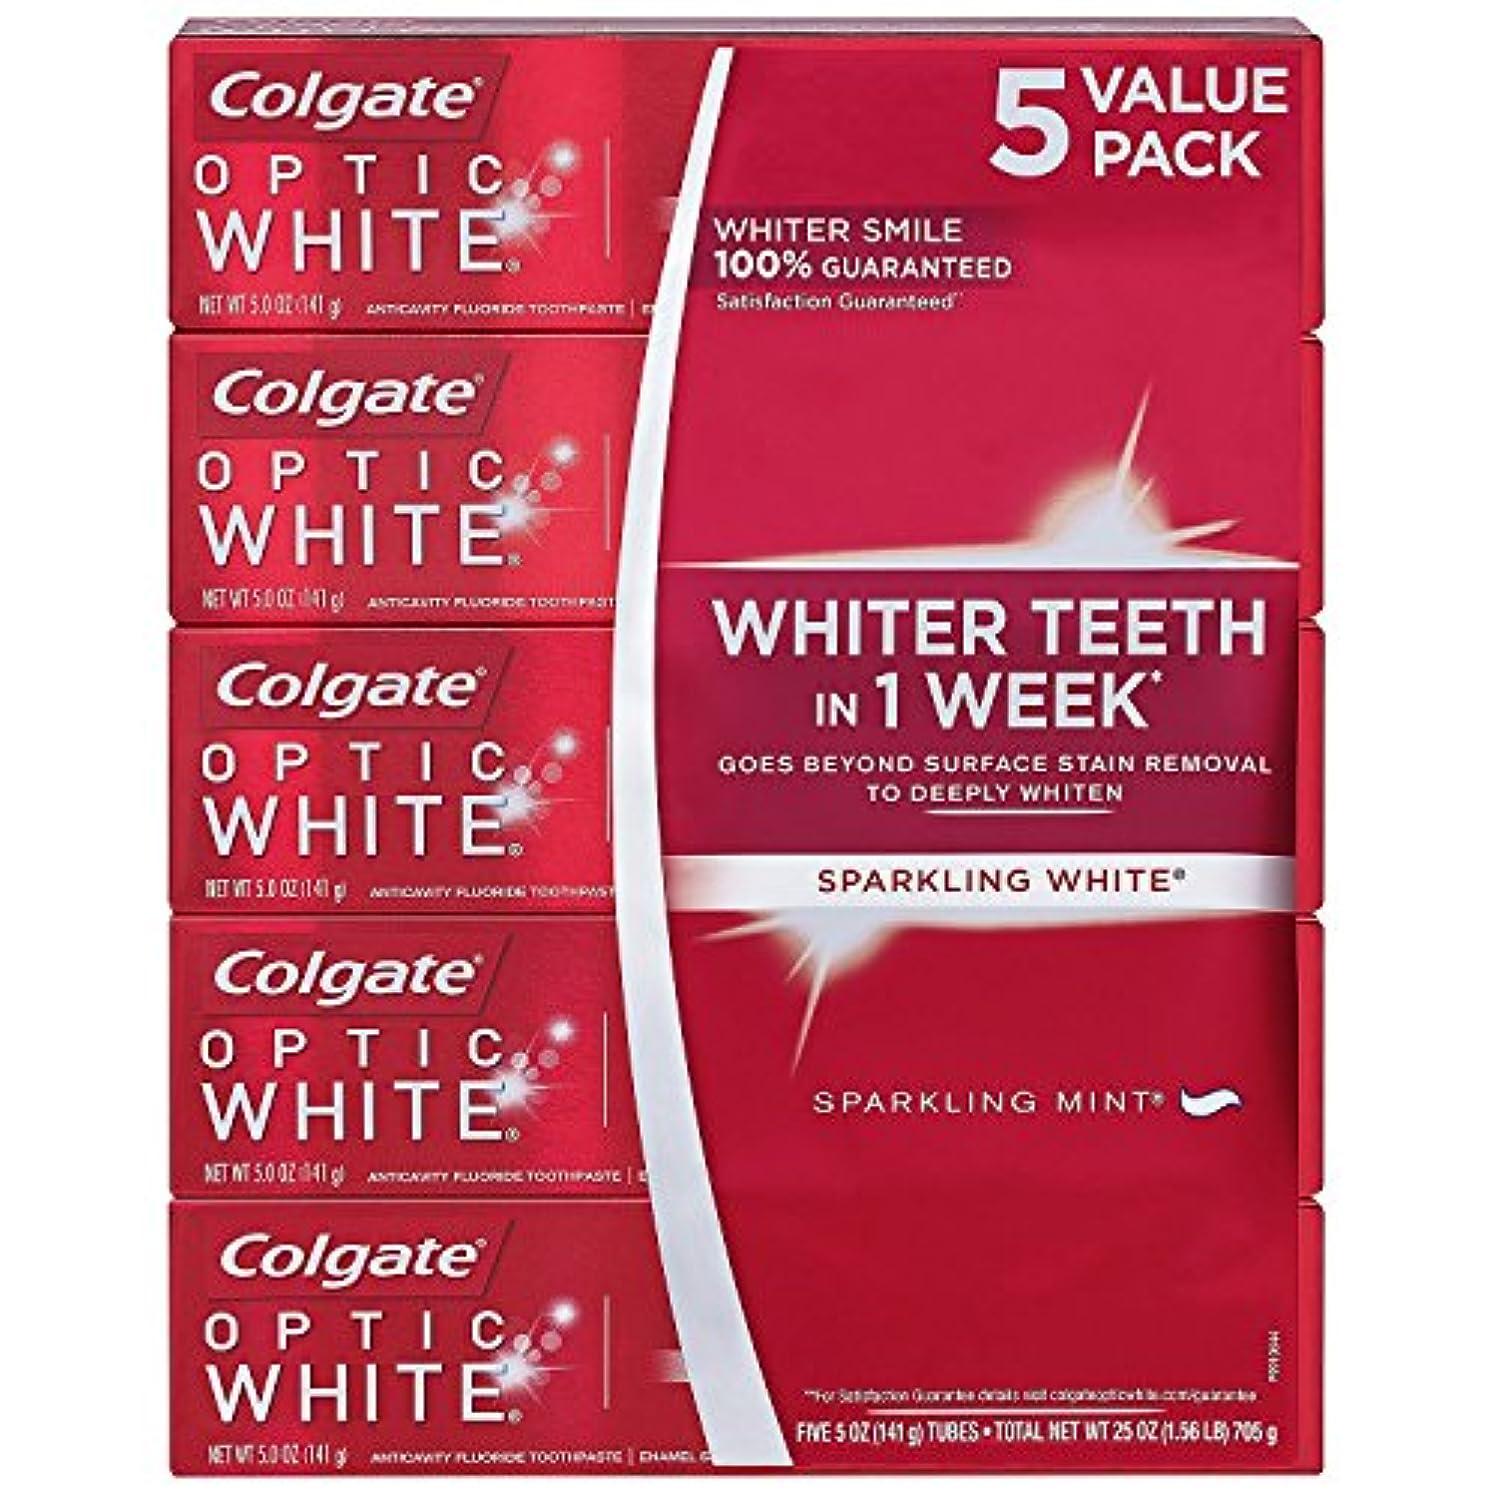 組み込むアルカトラズ島教授海外直送品 Colgate Optic White コルゲート オプティック ホワイト スパークリングミント141g ×5本 [Pack of 5]